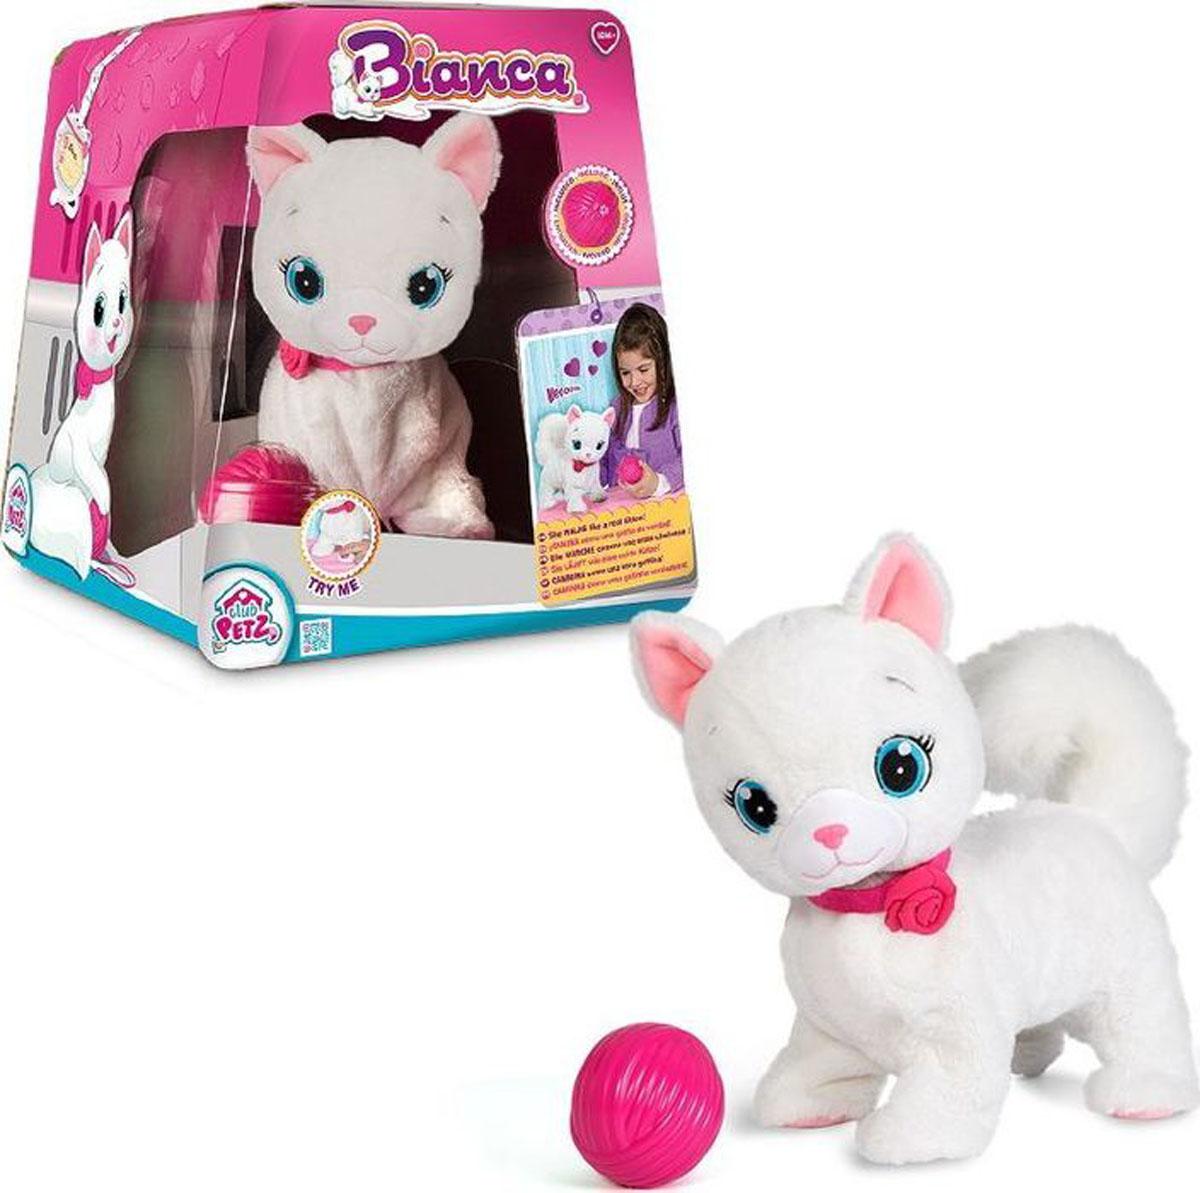 Abtoys Интерактивная игрушка Кошка Bianca клетка сша kojima игрушка моделирования кошка кошка игрушка котовник игрушка осьминог шары